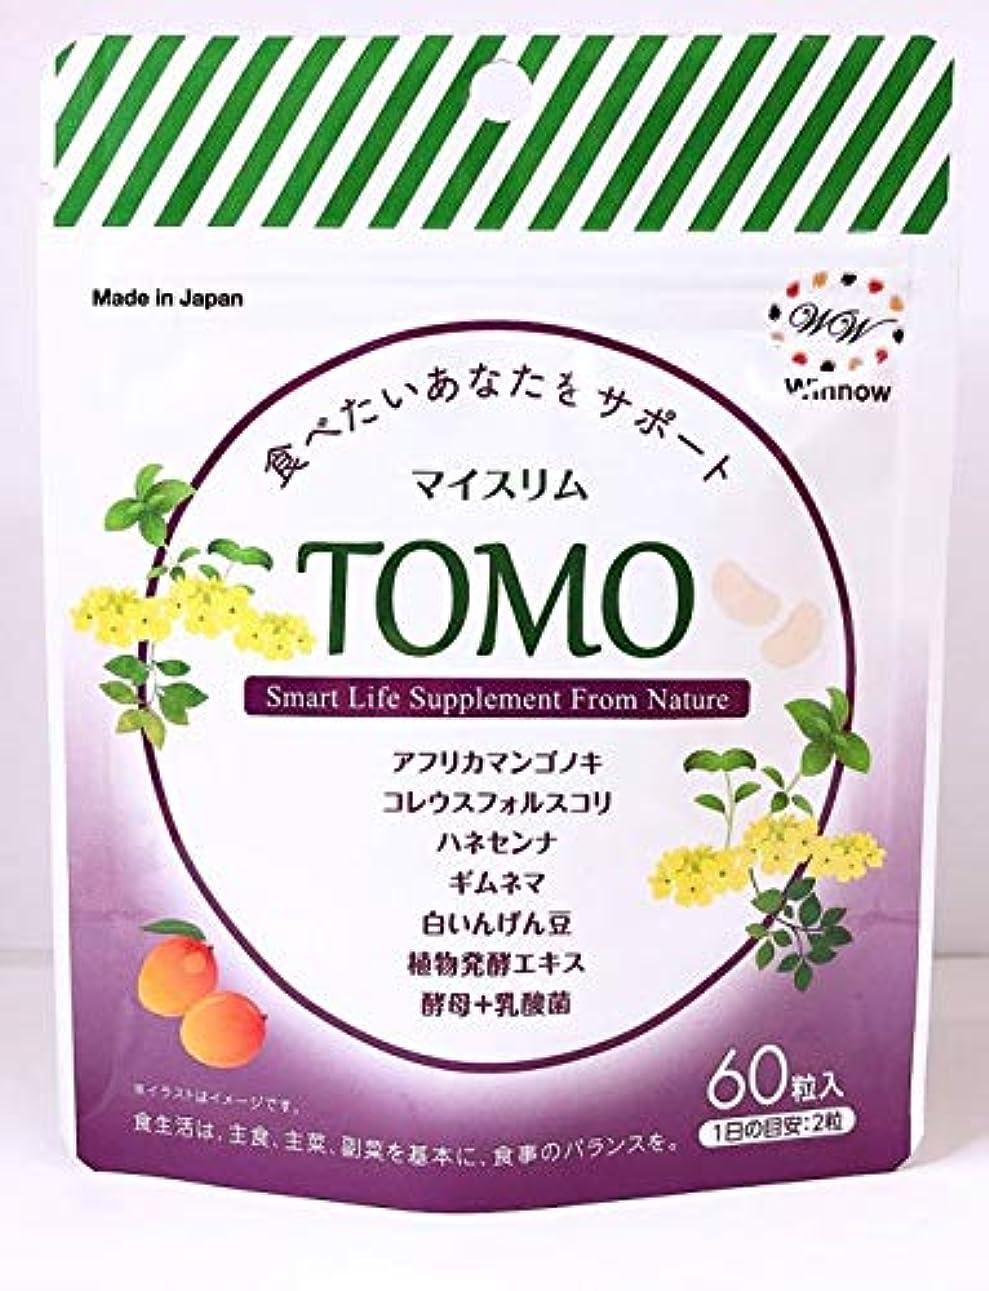 故障中タンザニア安価な[Winnow]マイスリムTOMO ダイエットサプリ60粒 30日分 アフリカマンゴノキエキス末など140種類の素材配合 ダイエット生活を応援